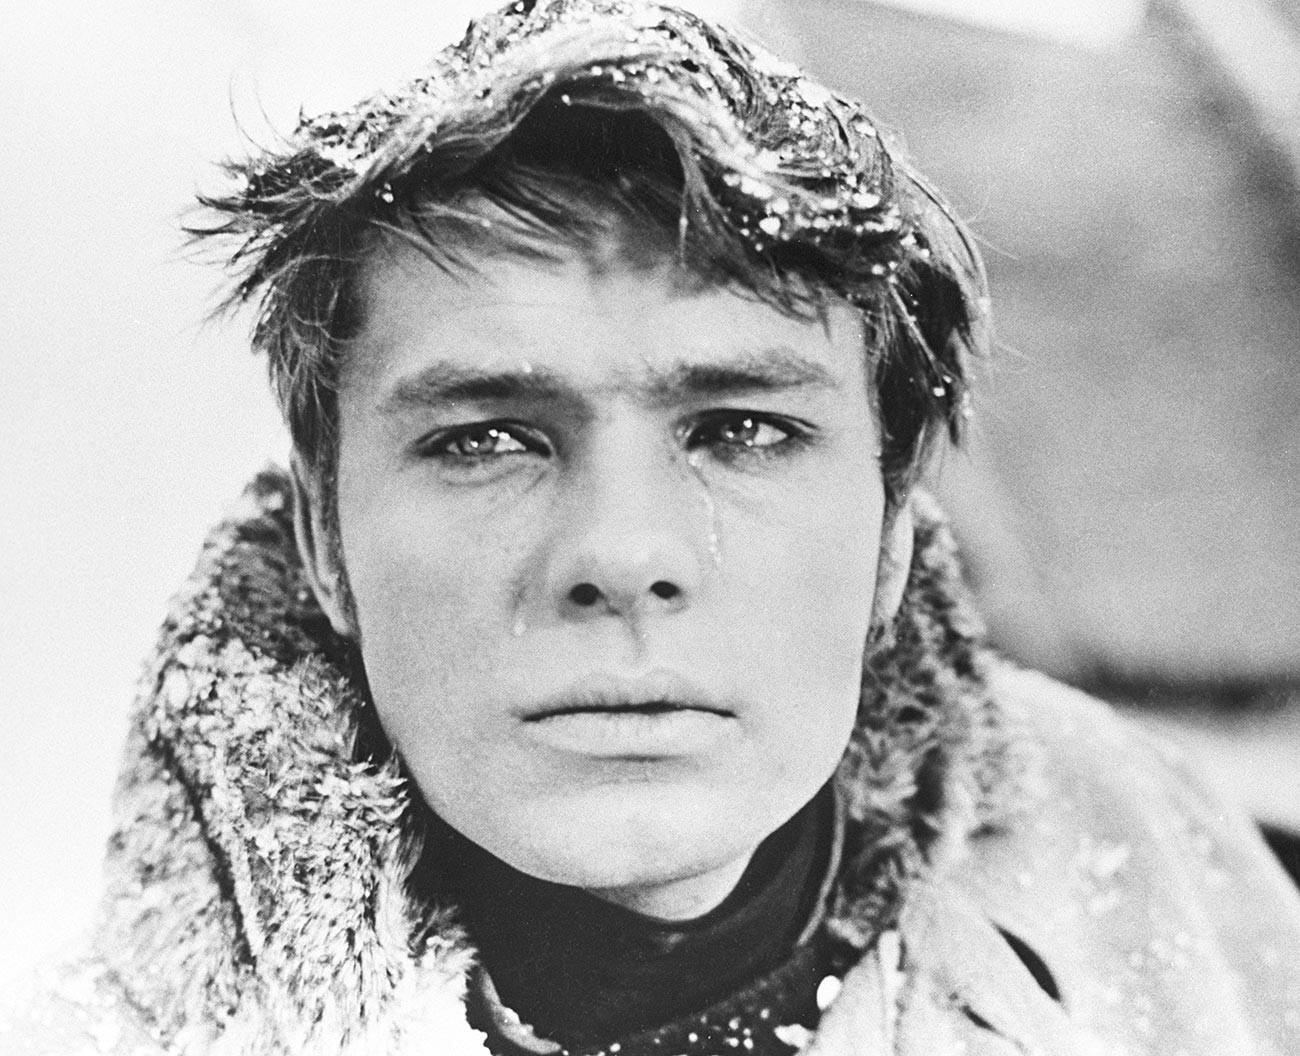 Oleg Vidov in The Blizzard.